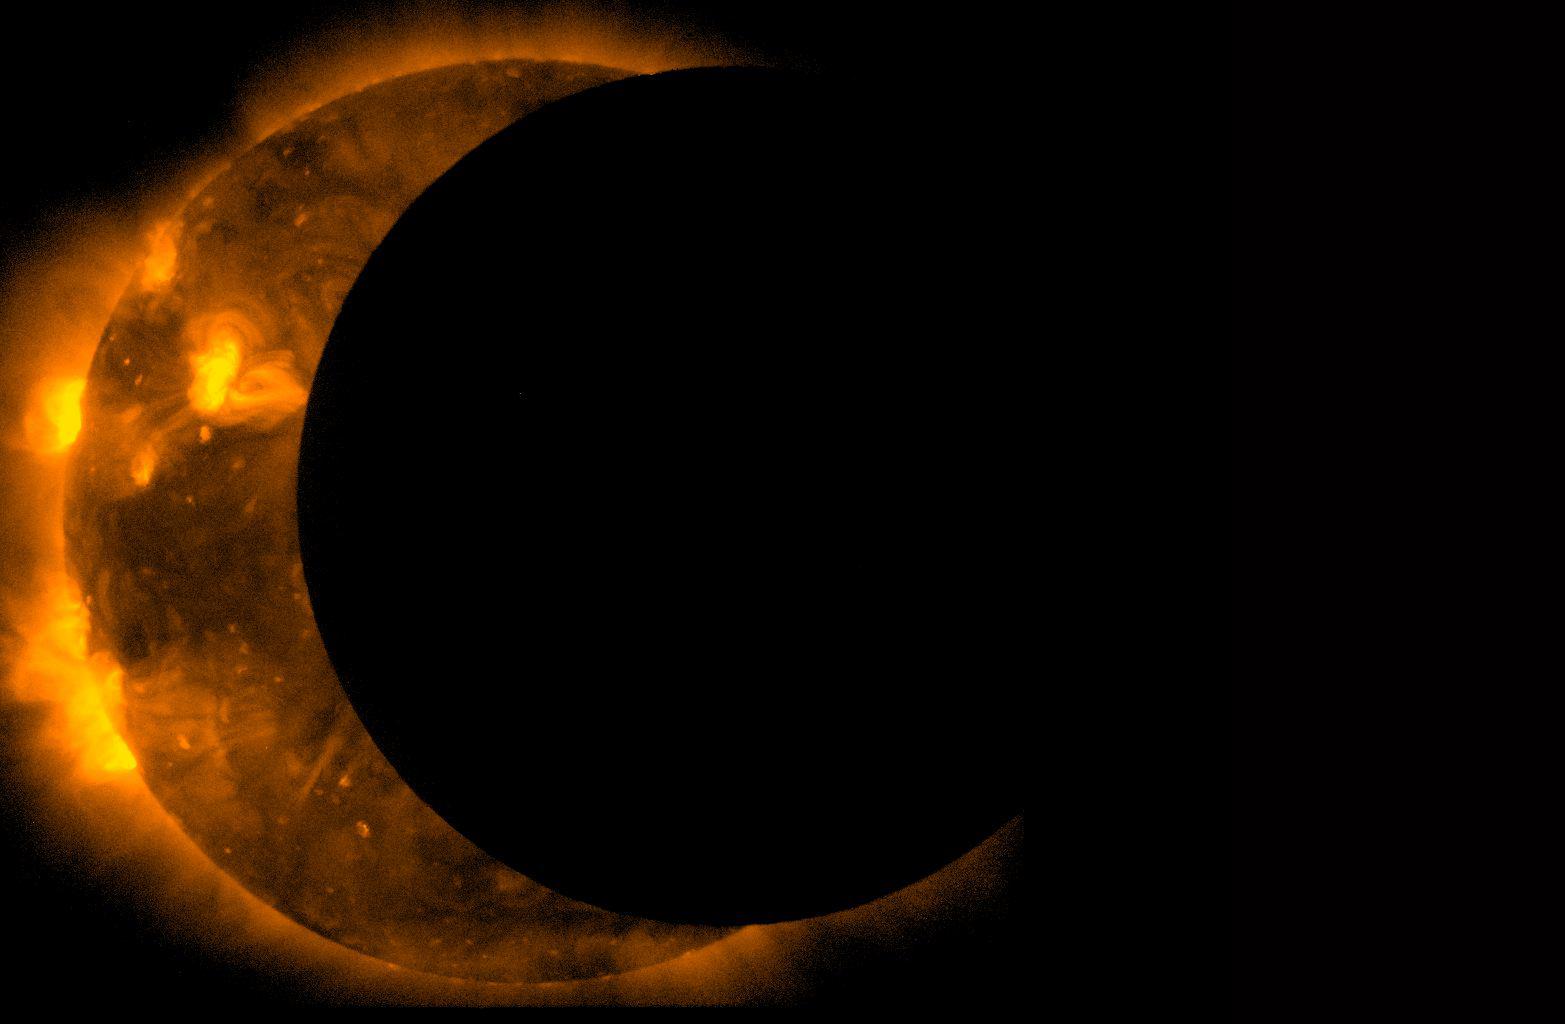 Lugares en México para admirar el eclipse solar